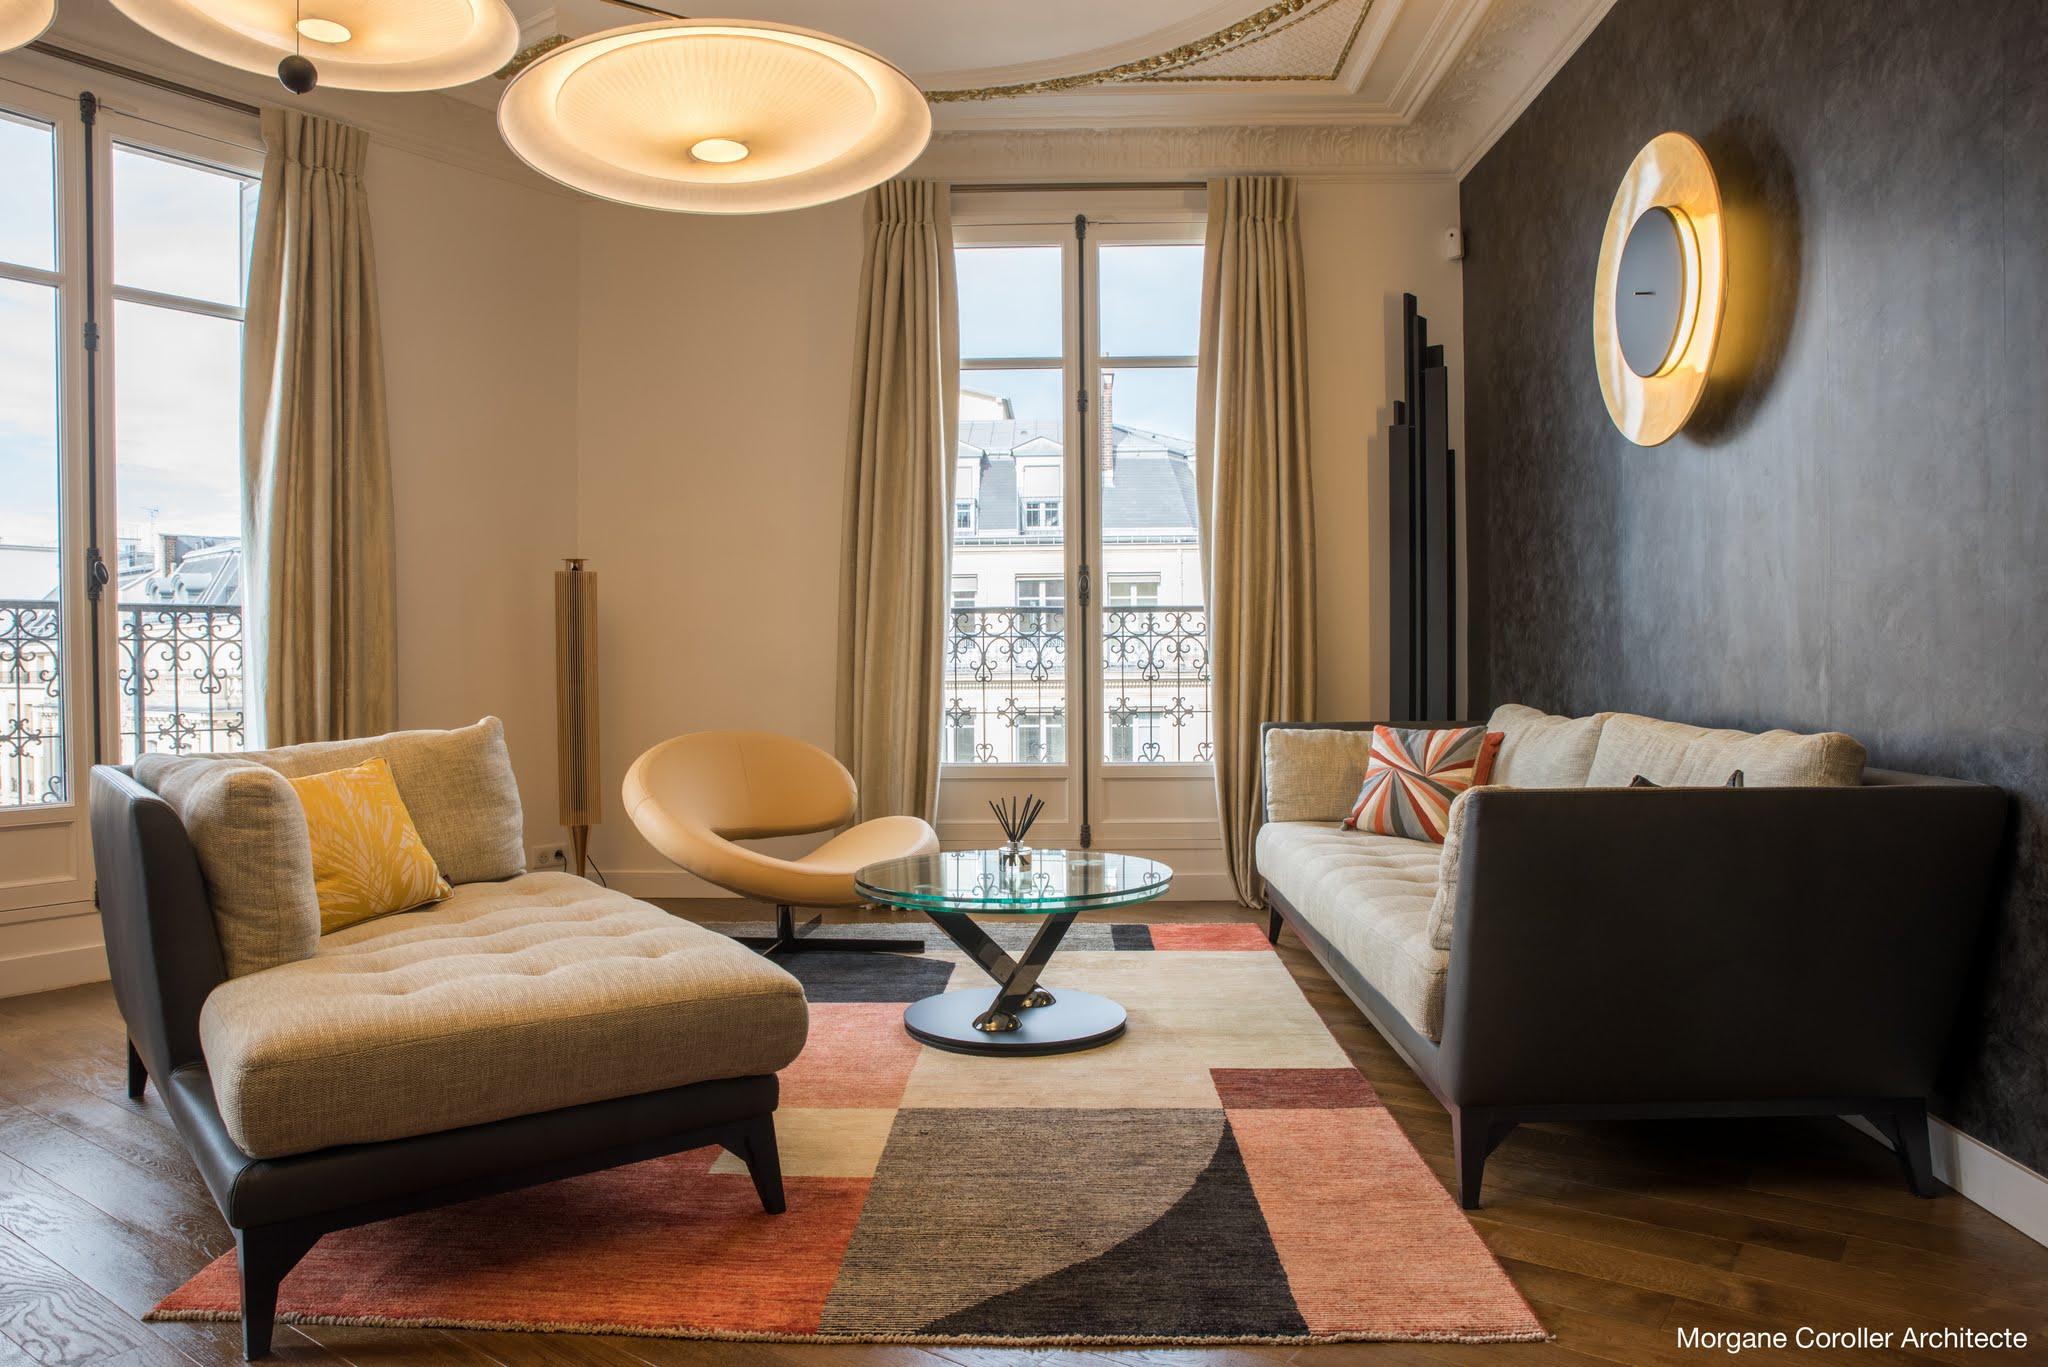 rideaux et accessoires les fournisseurs grossistes et fabricants sur hellopro. Black Bedroom Furniture Sets. Home Design Ideas